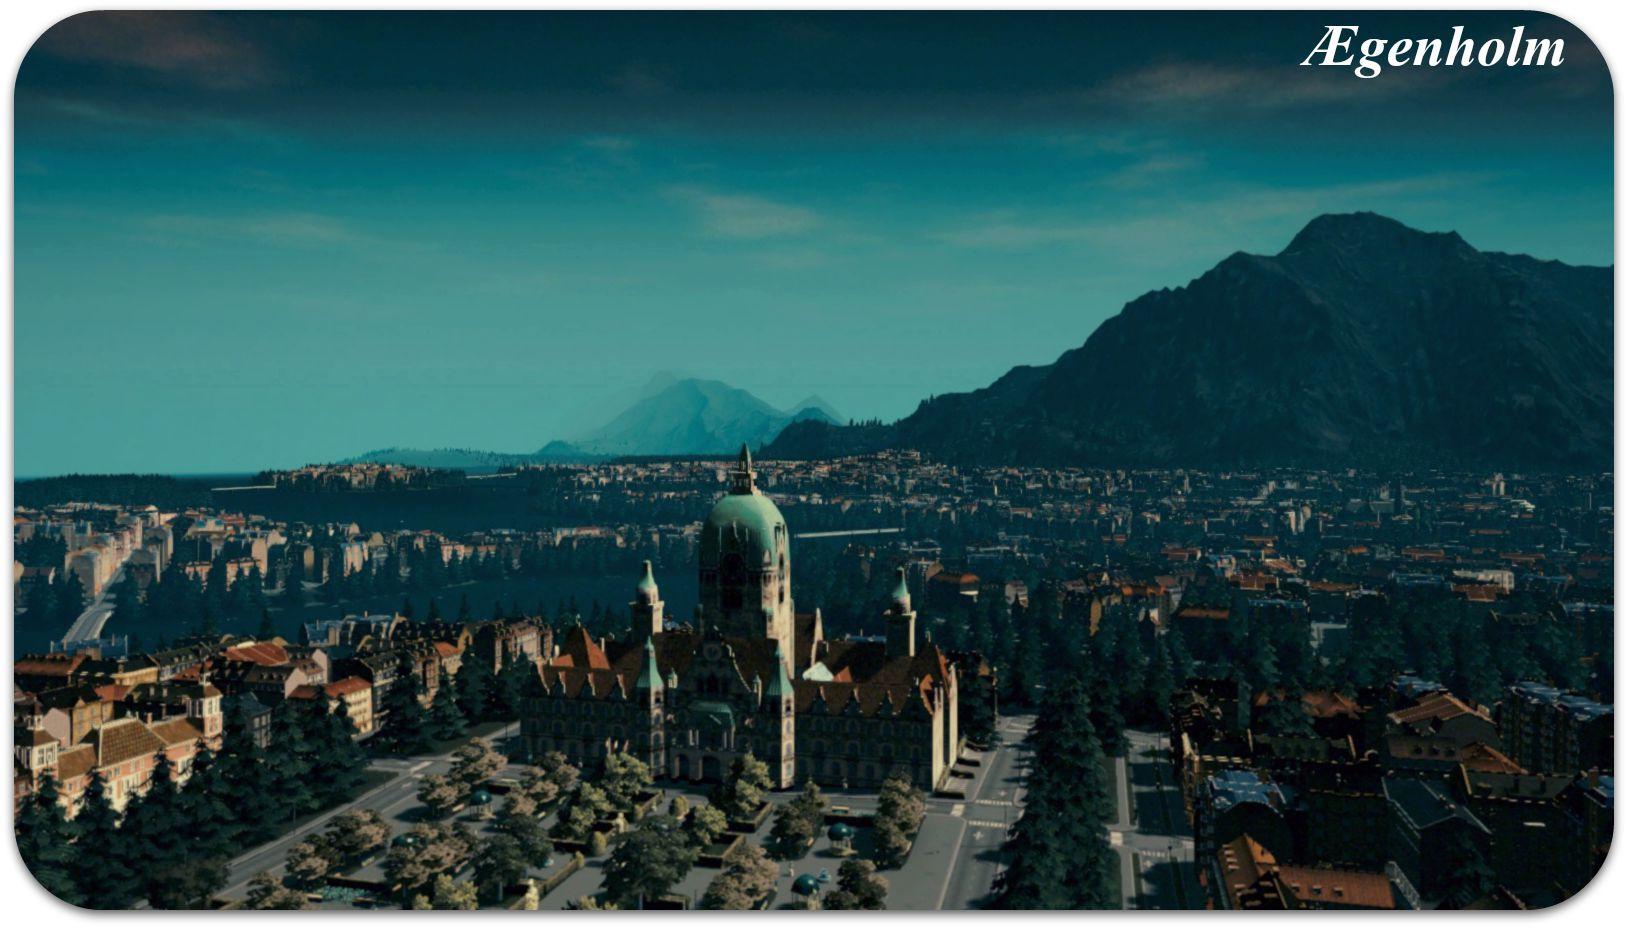 Royaume Norrois - Présentation des villes - Page 13 150902020512915382